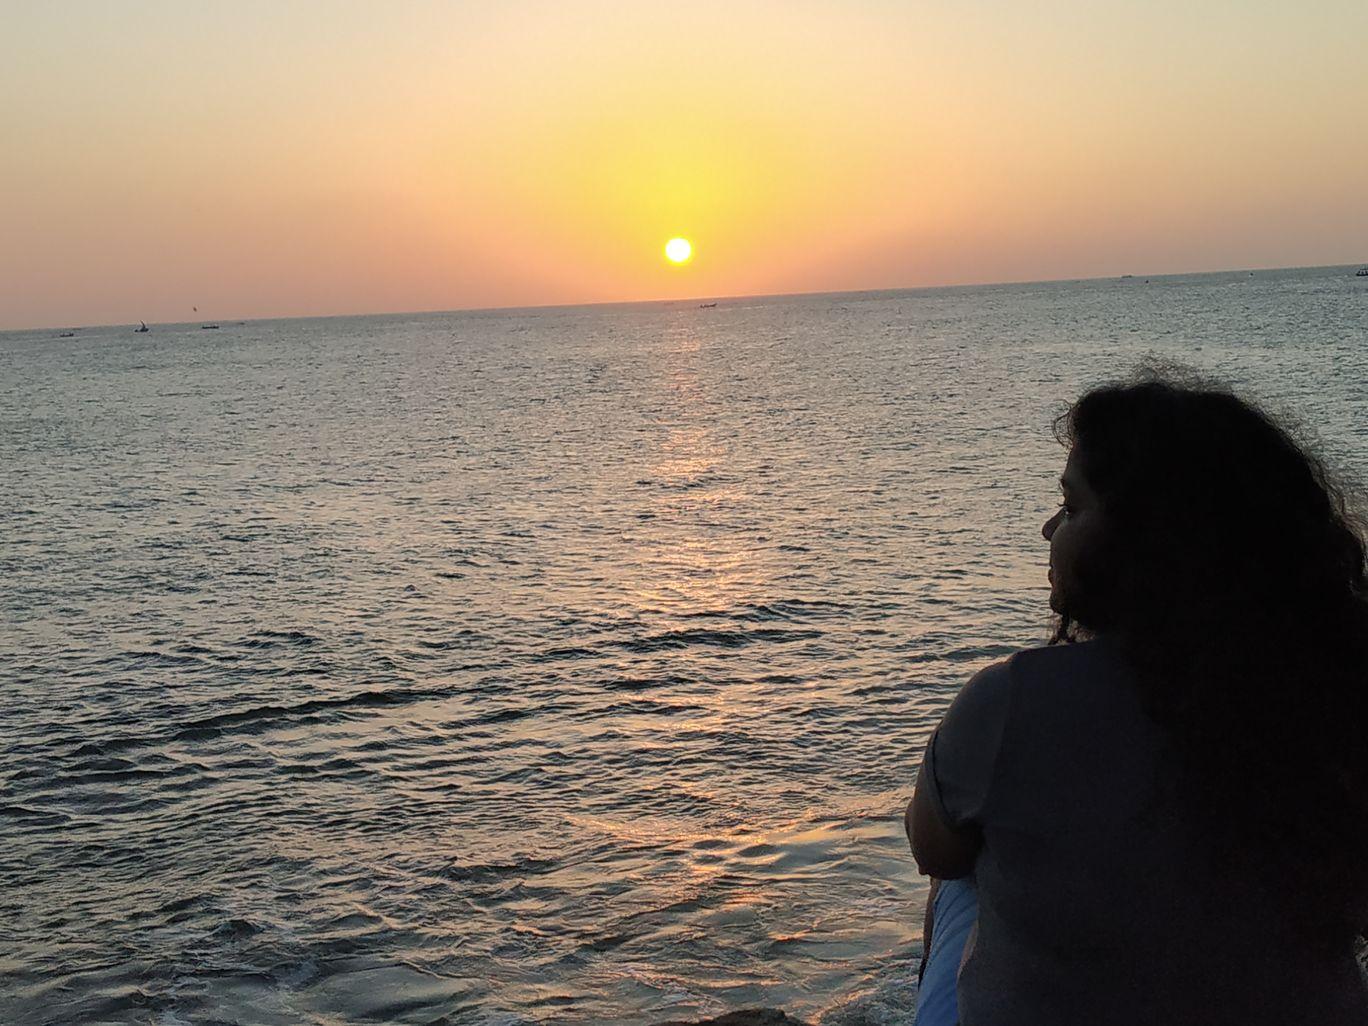 Photo of Kanyakumari Sunrise View By Arpana Kispotta